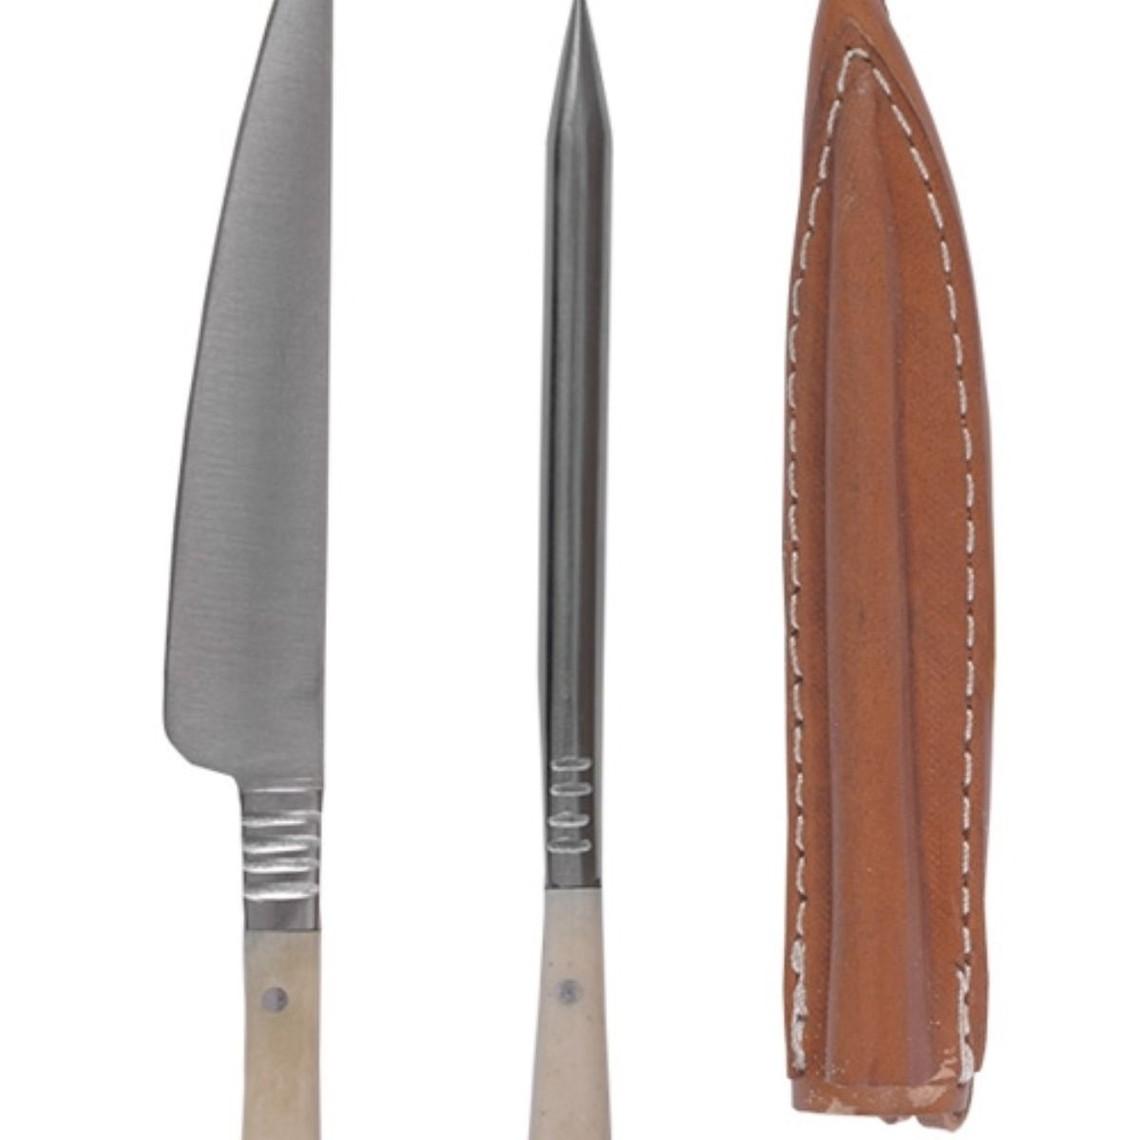 14de eeuwse bestekset mes en eetprikker